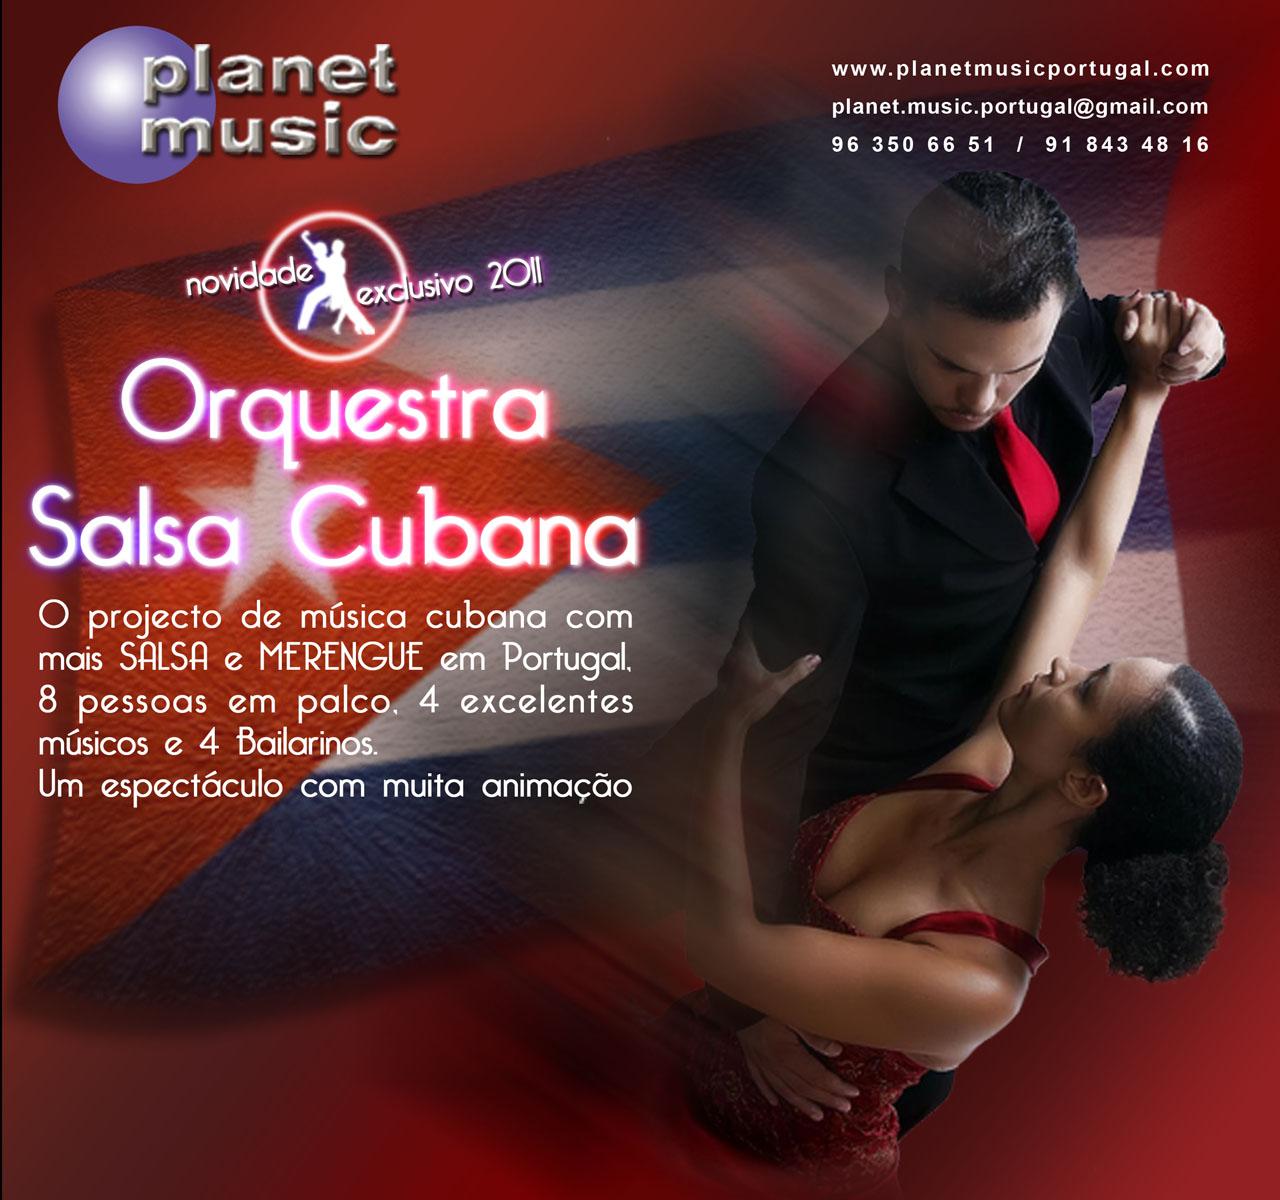 ORQUESTRA SALSA CUBANA